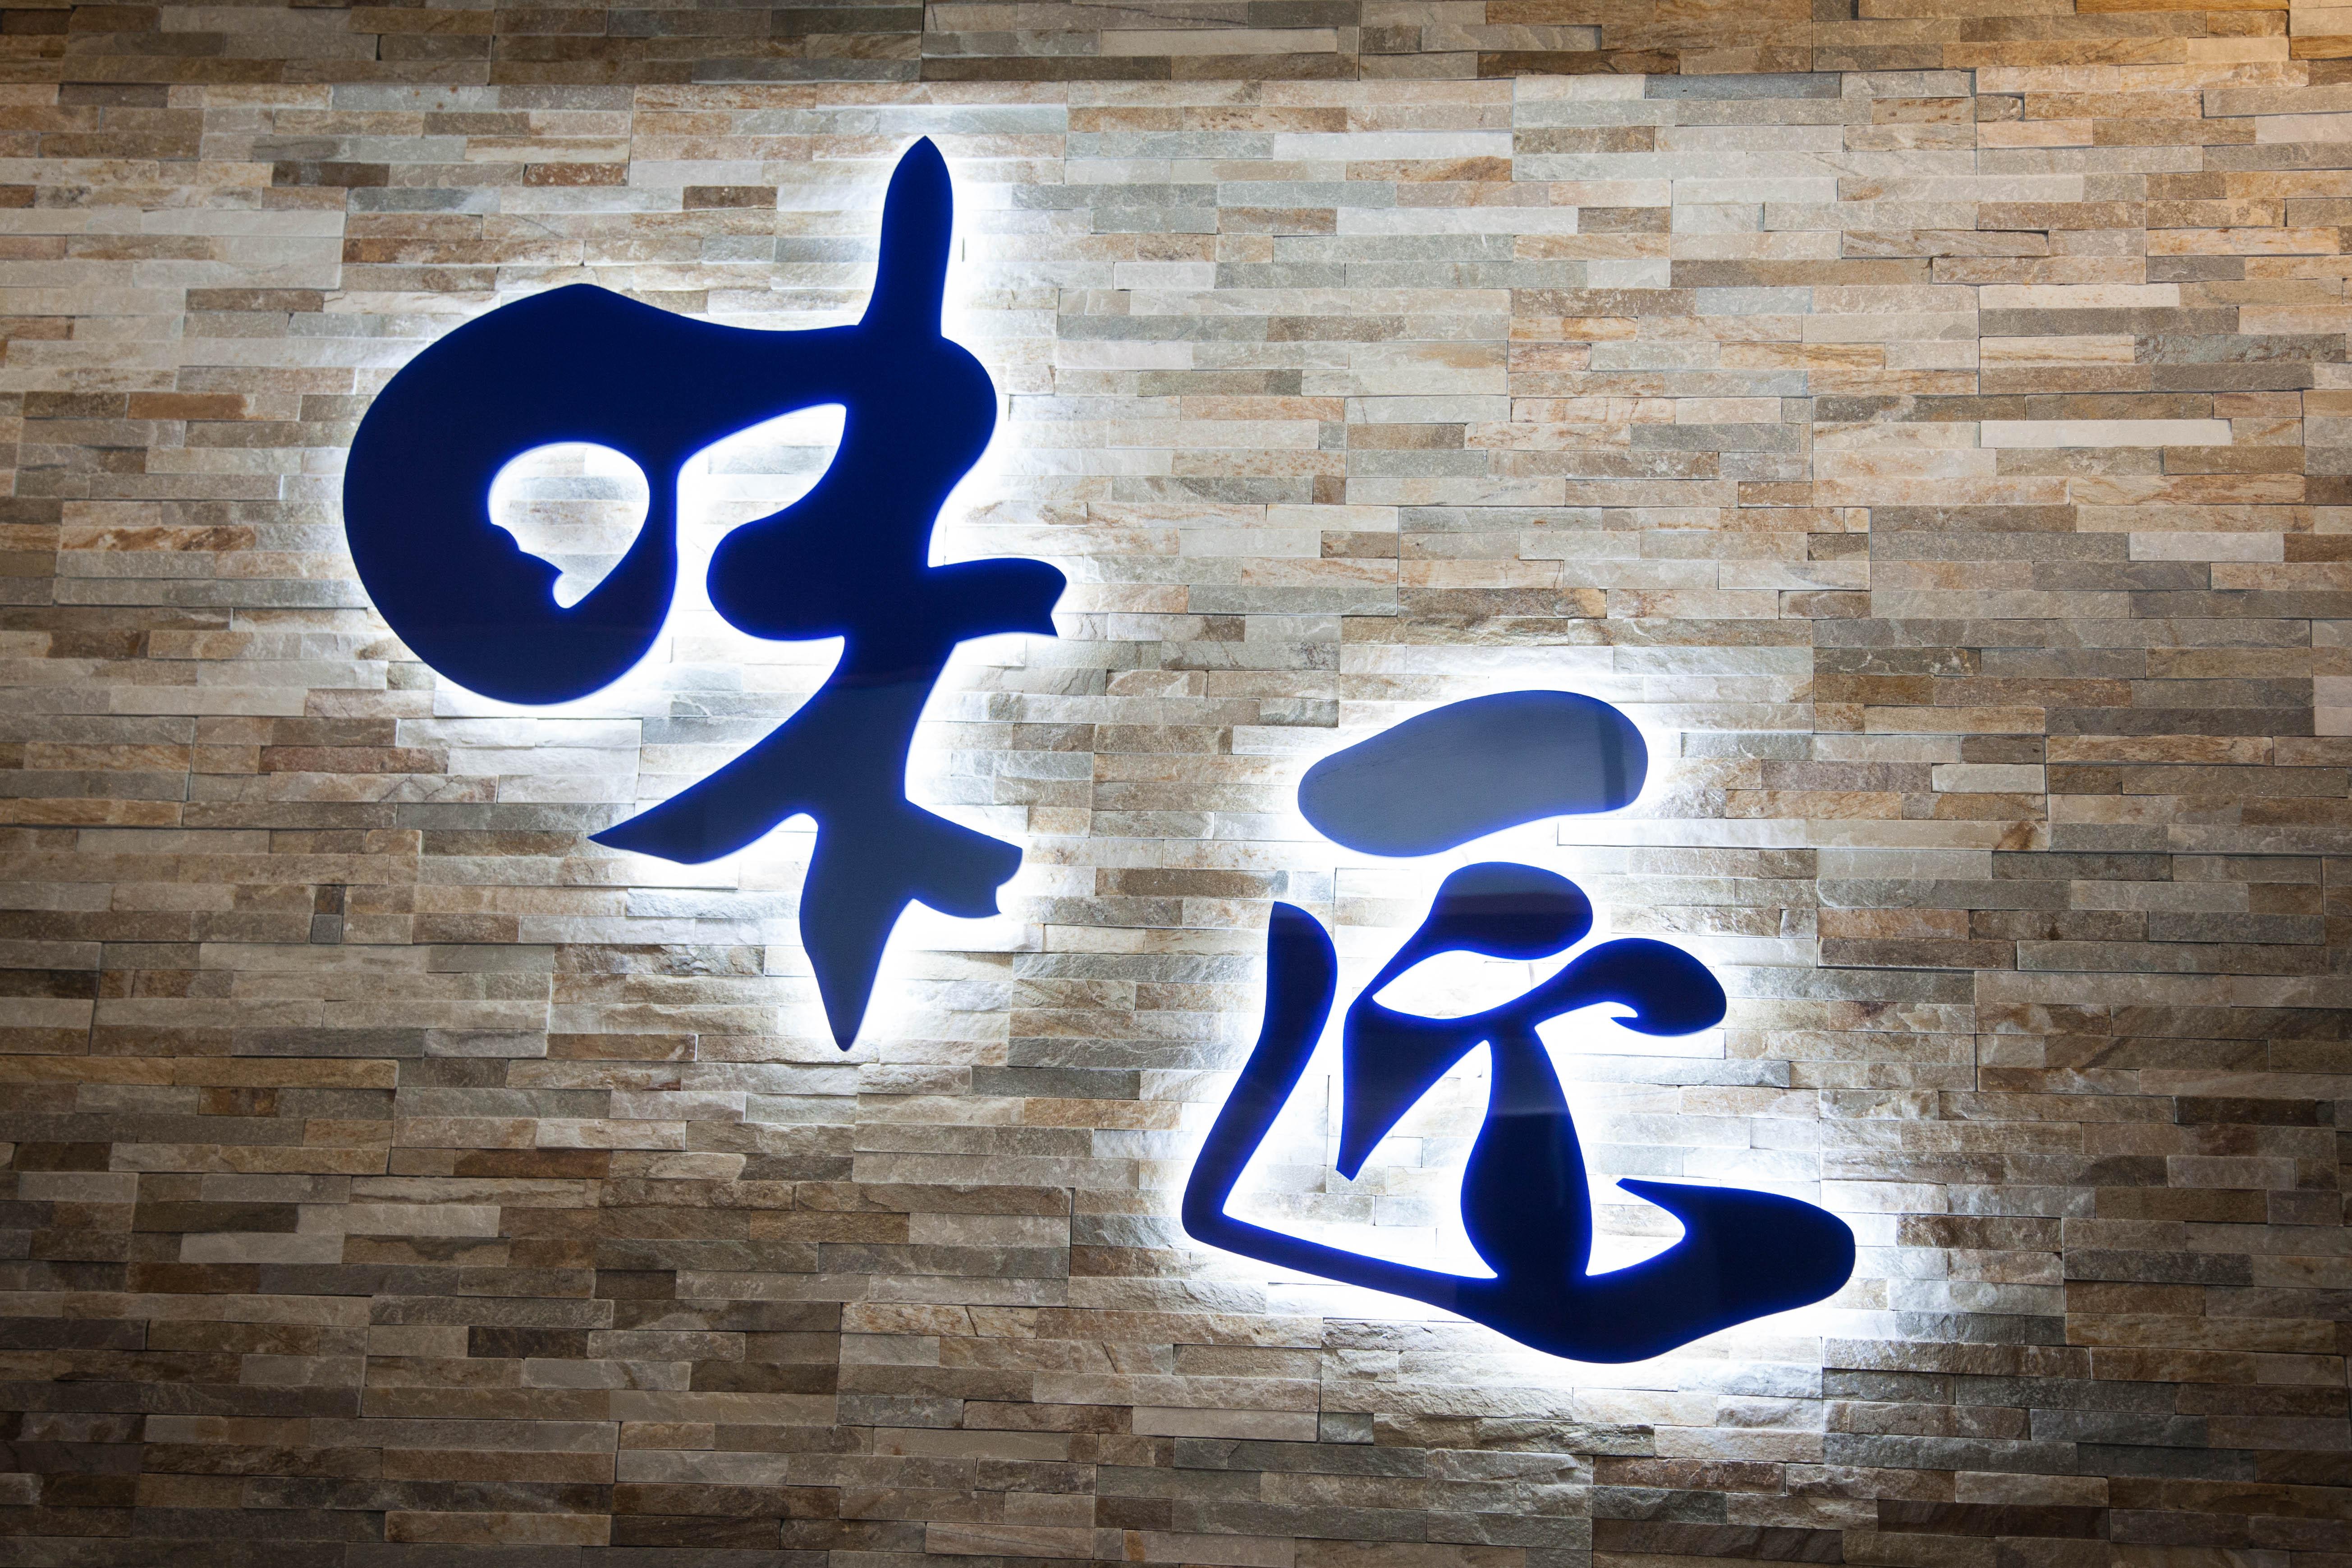 Ajishou Signage - Japanese Restaurant Design